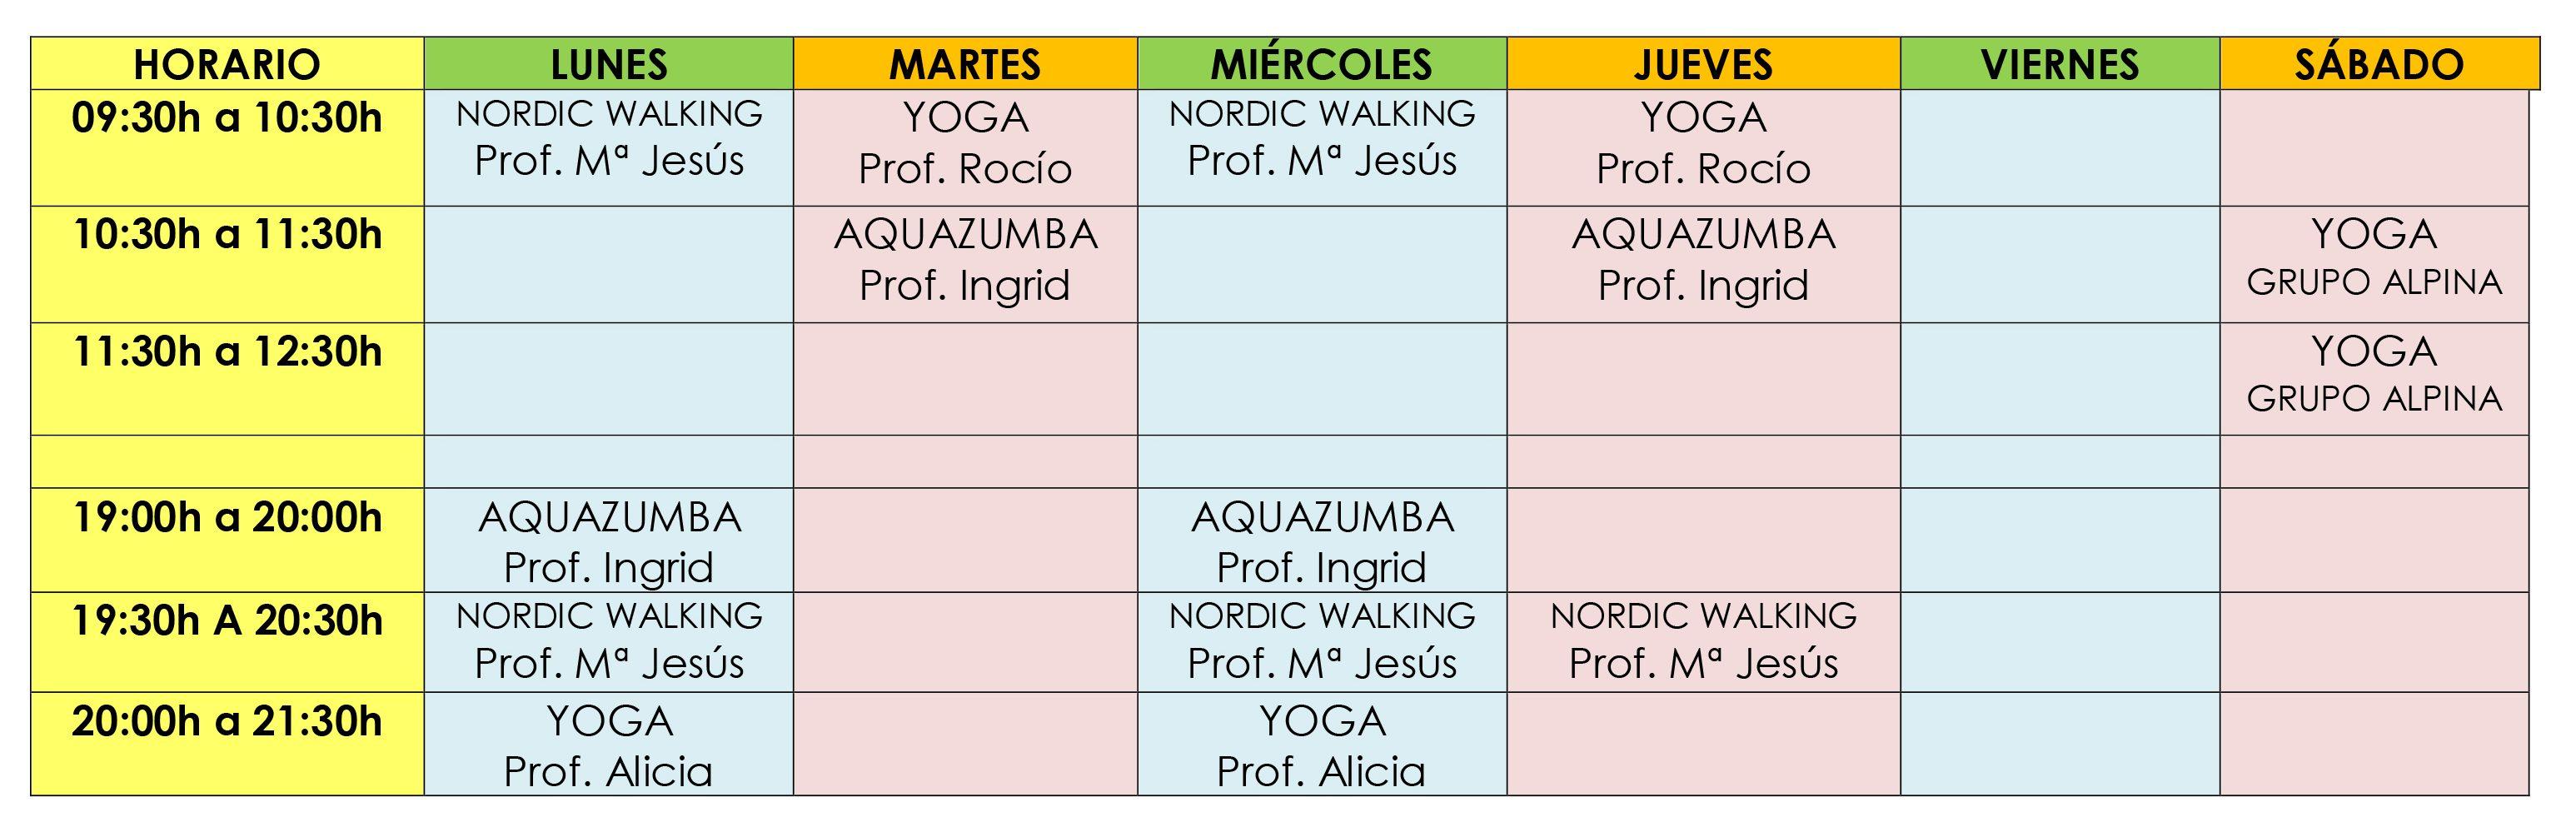 HORARIO ACTIVIDADES DIRIGIDAS JULIO 2019